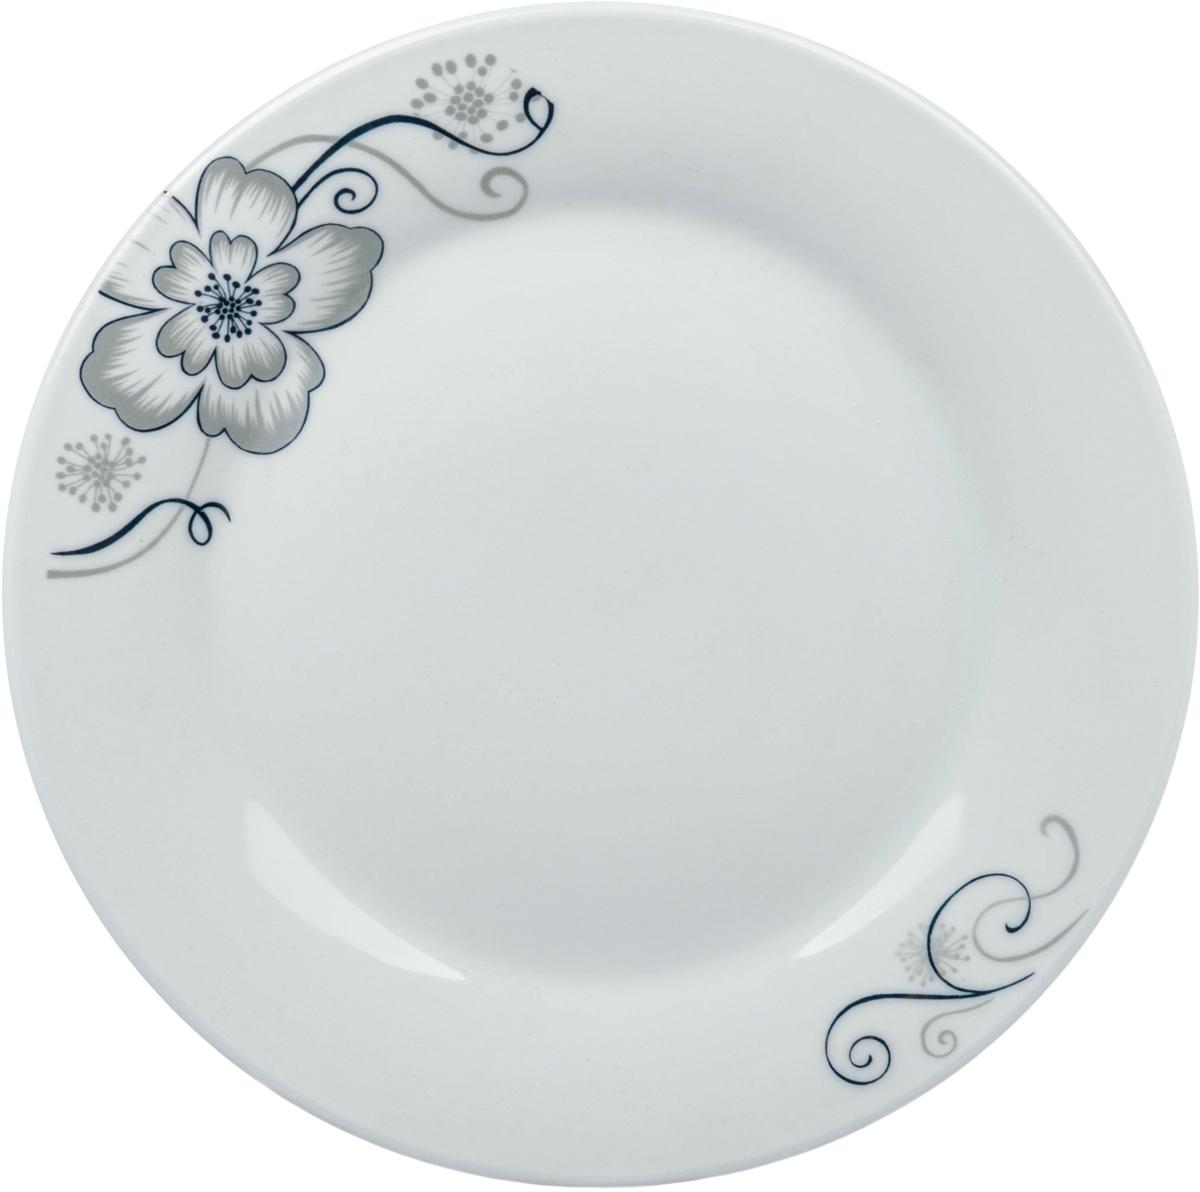 Тарелка десертная Ningbo Royal Серый цветок, диаметр 20 смRUCH068-13Фарфоровая столовая посуда фабрики Royal Union удивит вас приятным сочетанием отменного качества фарфора, классическими цветочными декорами. Посуда найдет свое применение как в городской квартире, так и в загородном доме. Классический декор будет одинаково хорошо смотреться в любое время года. Посуду из фарфора RU можно использовать в СВЧ и мыть в ПММ.